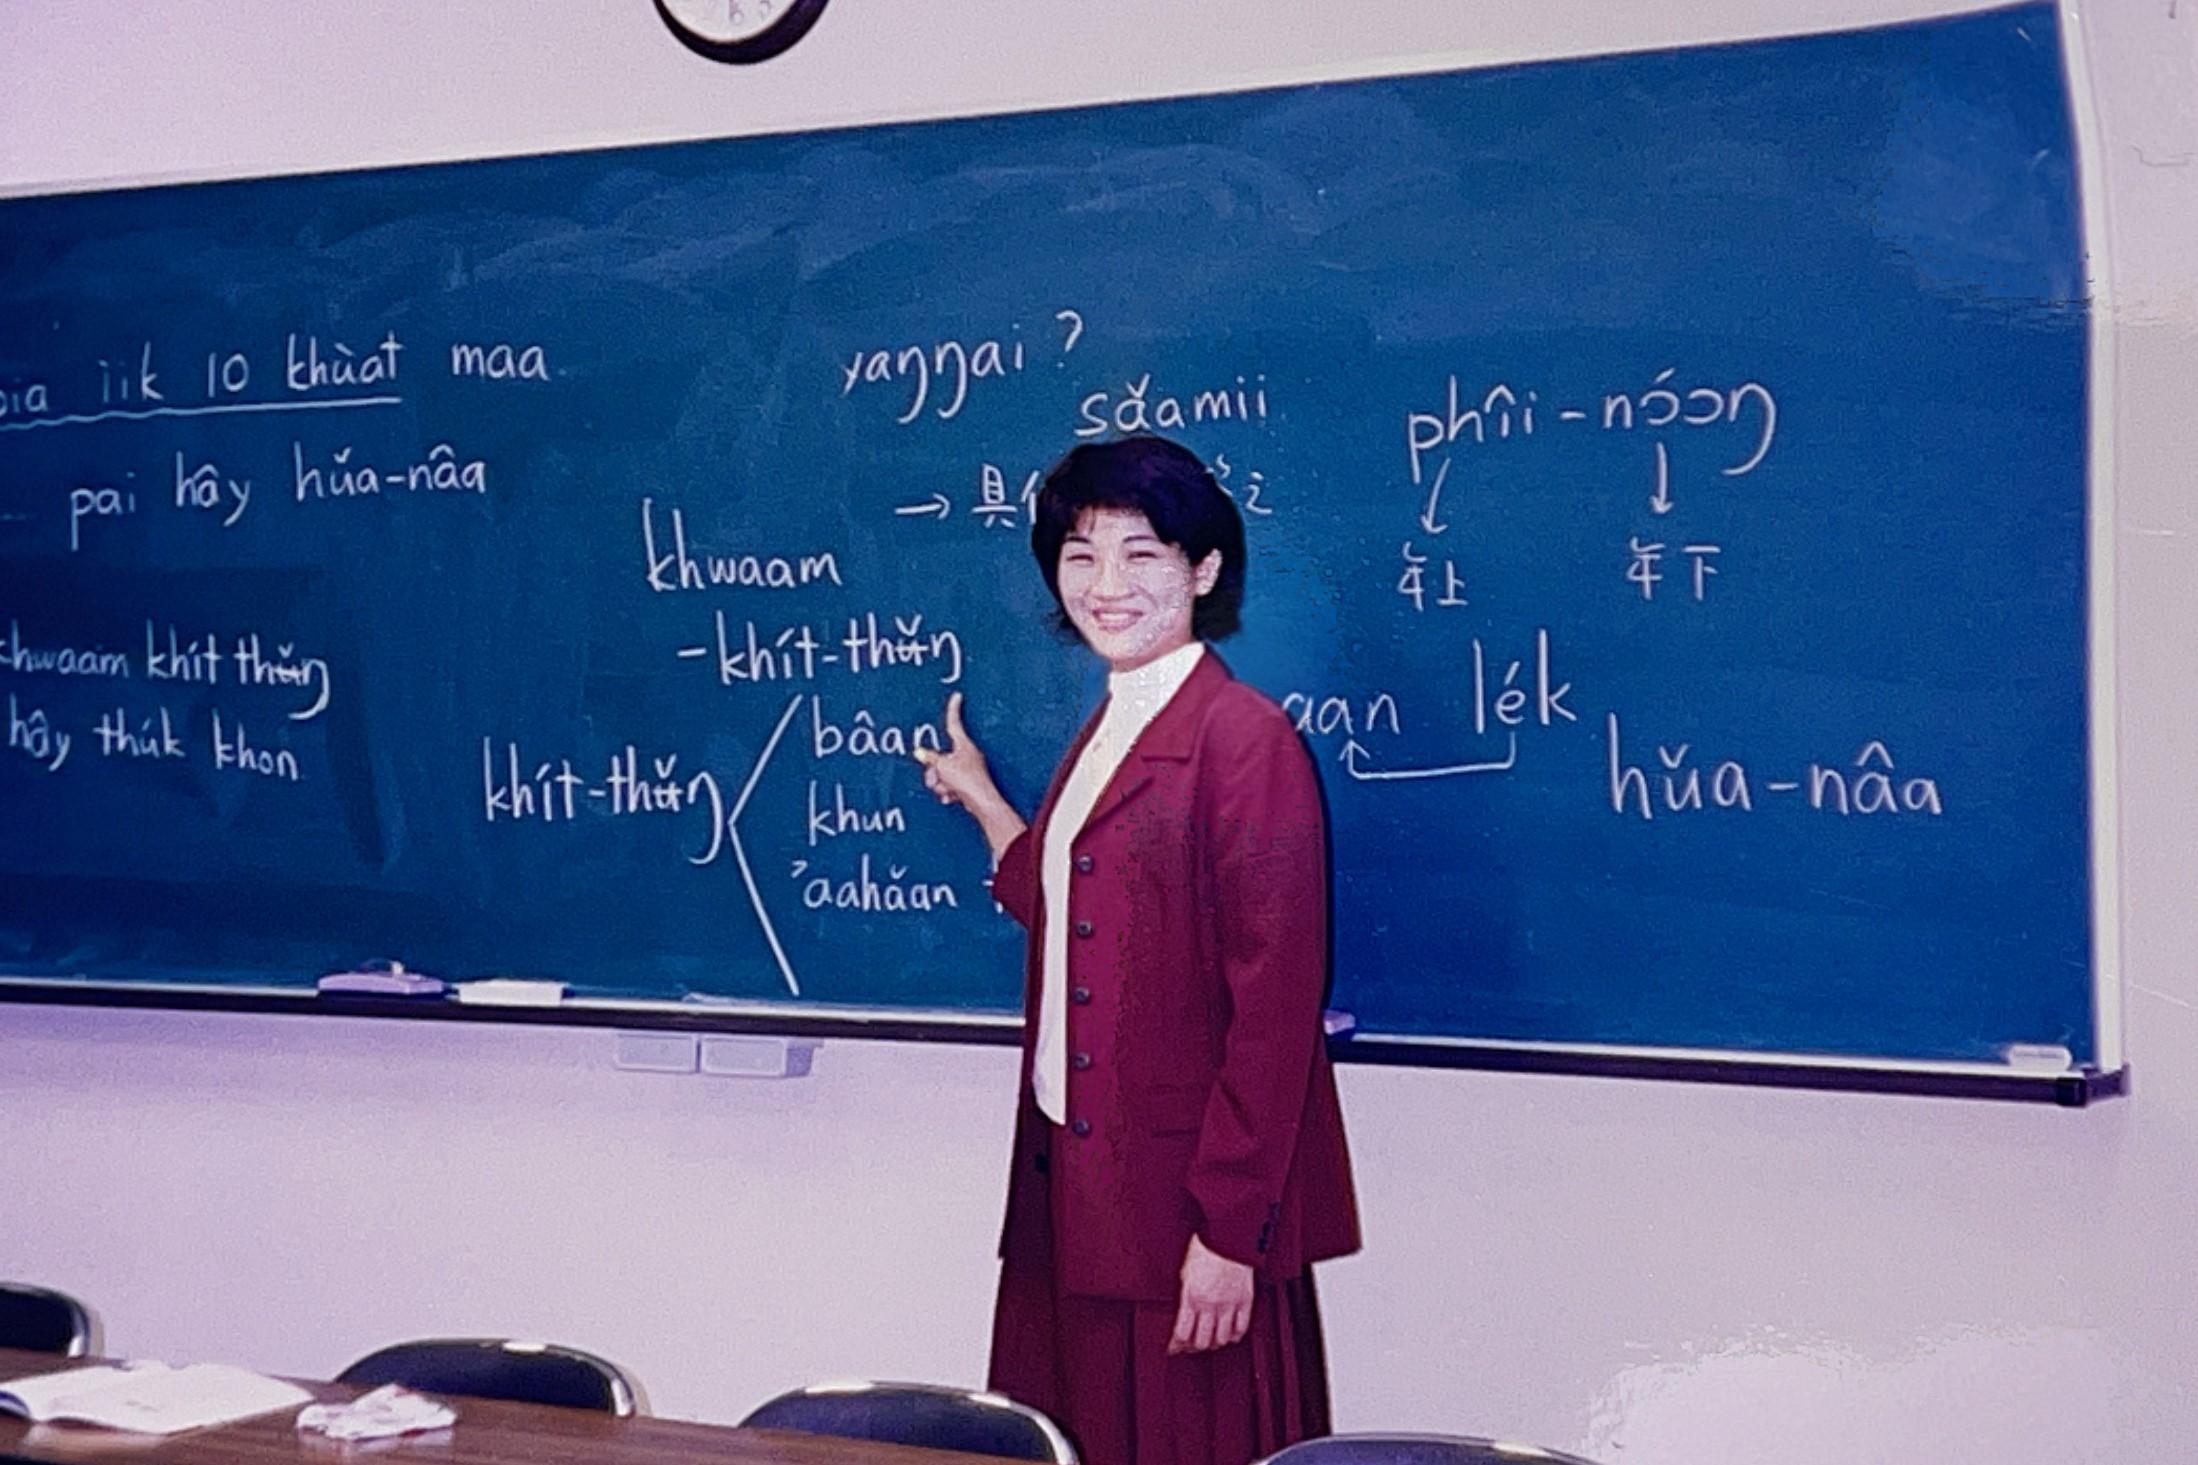 国際交流授業でタイ語を教える西村さん。